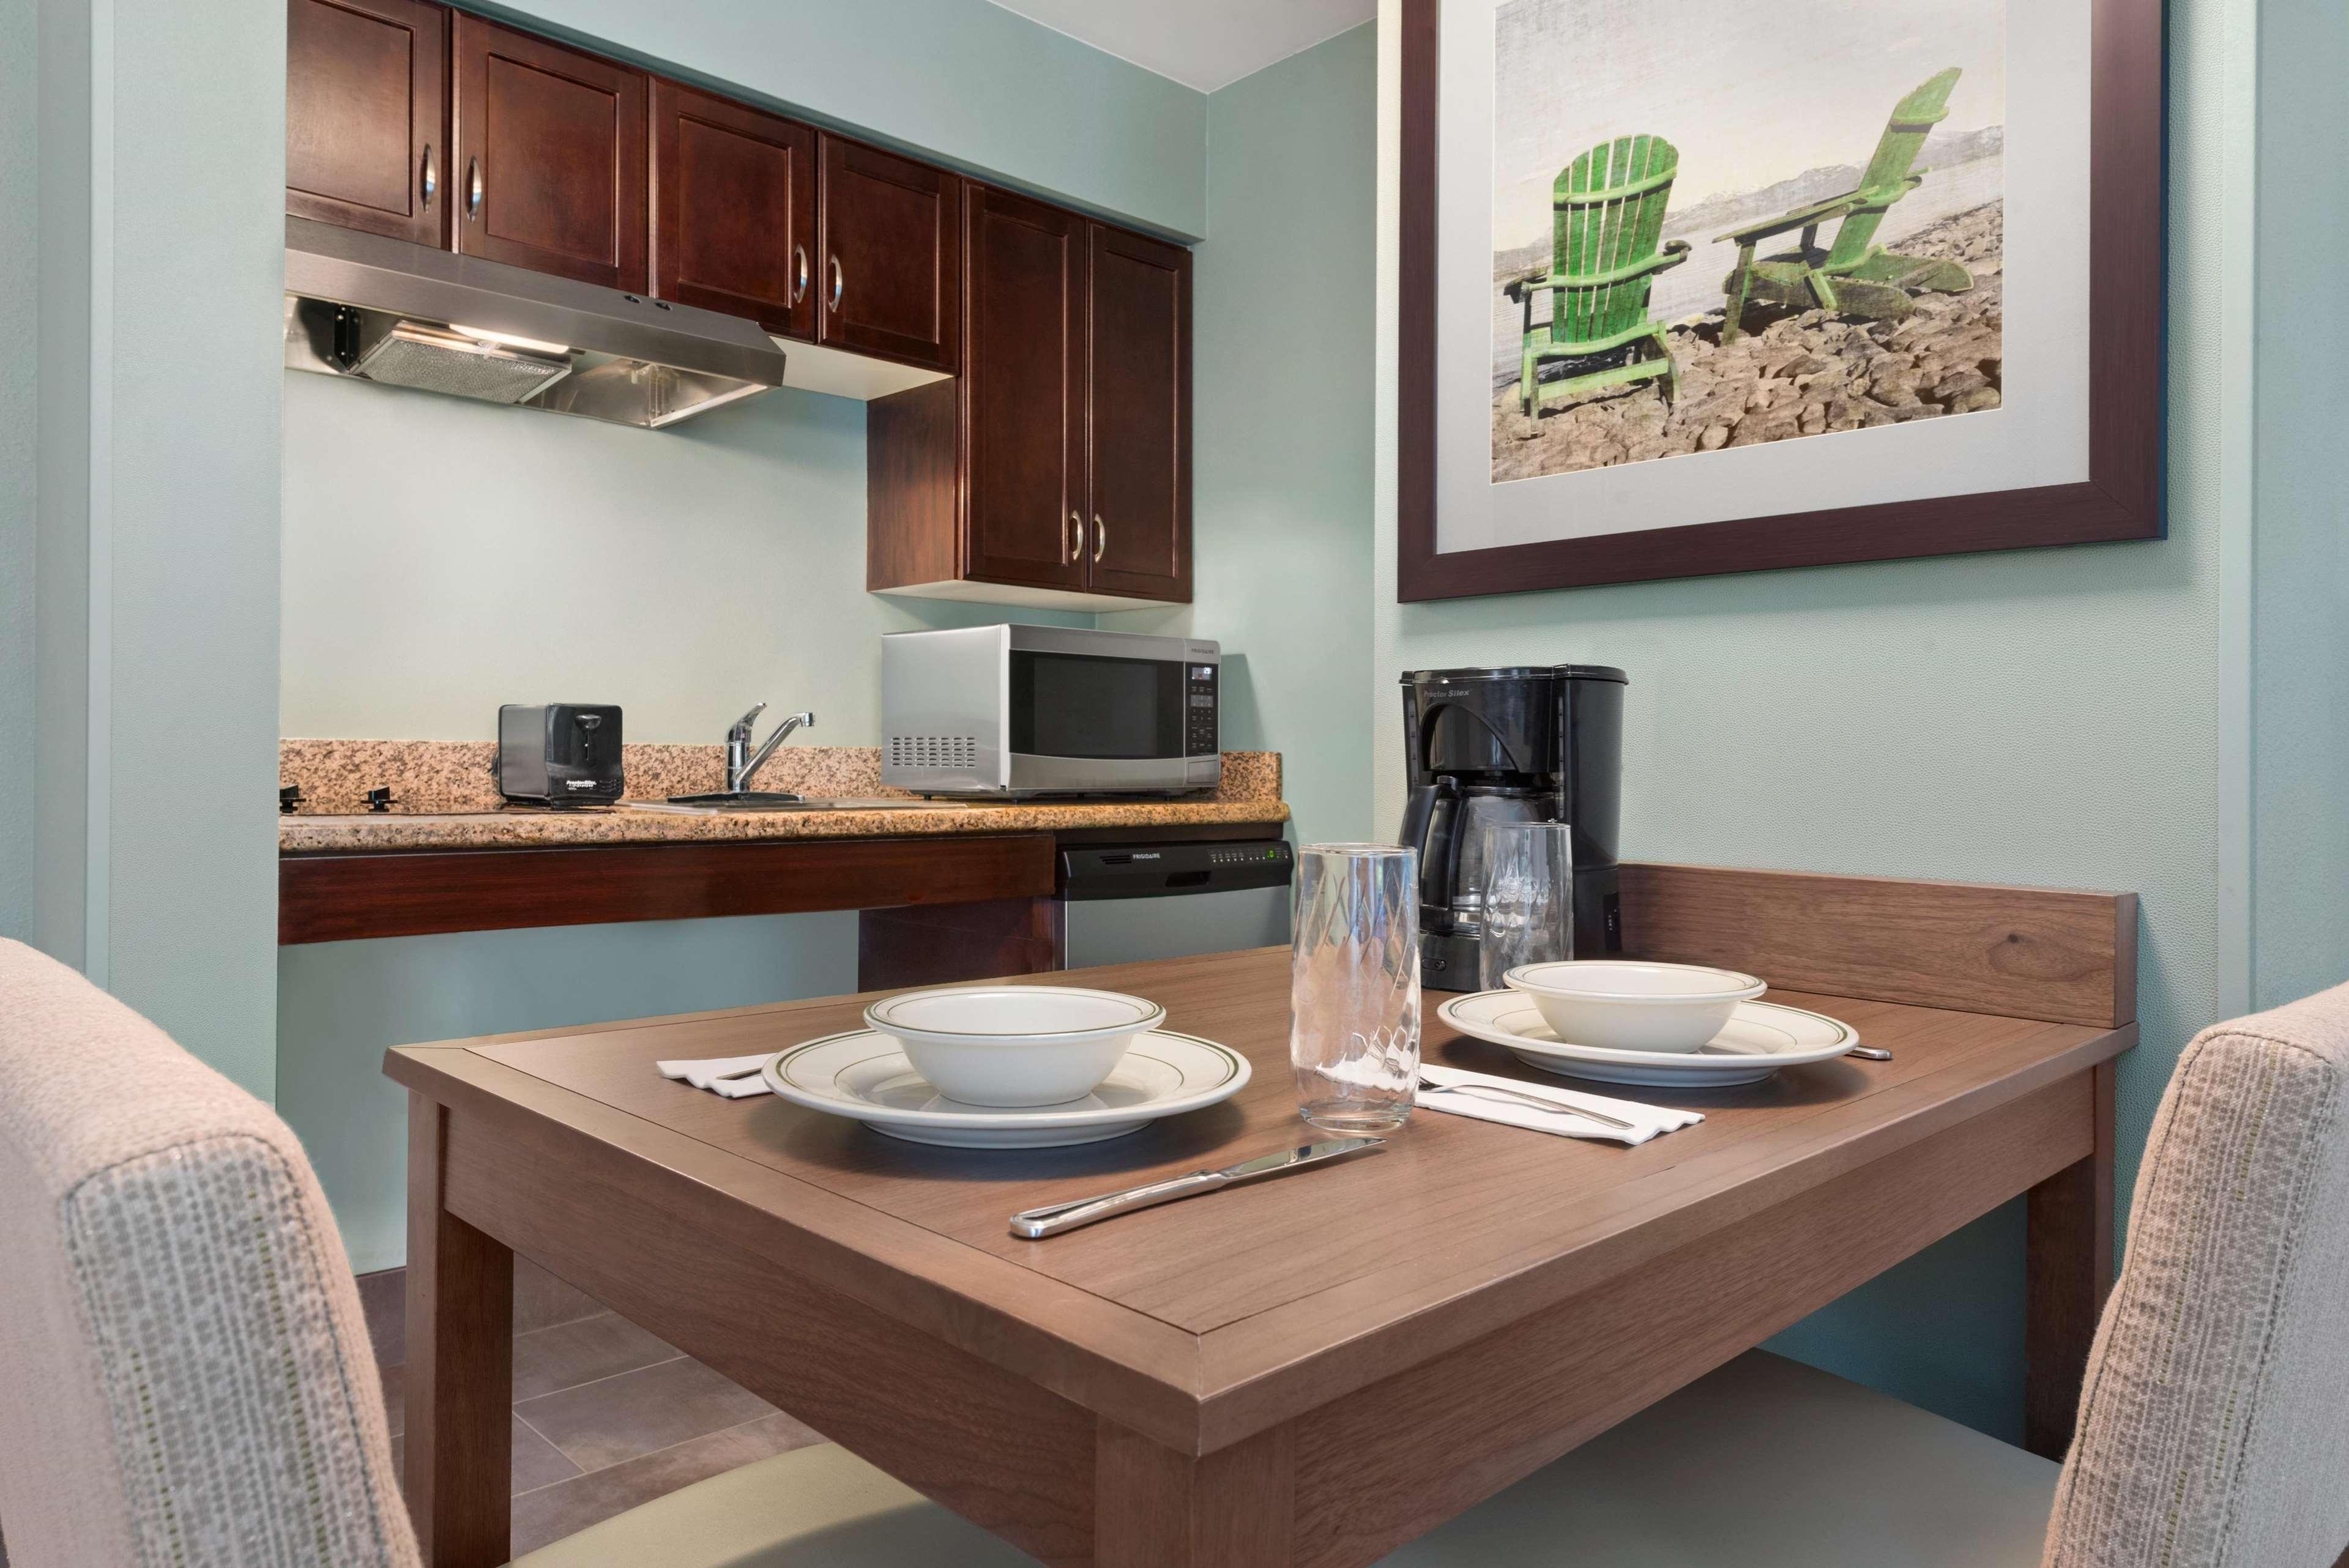 Homewood Suites by Hilton Charleston - Mt. Pleasant image 22